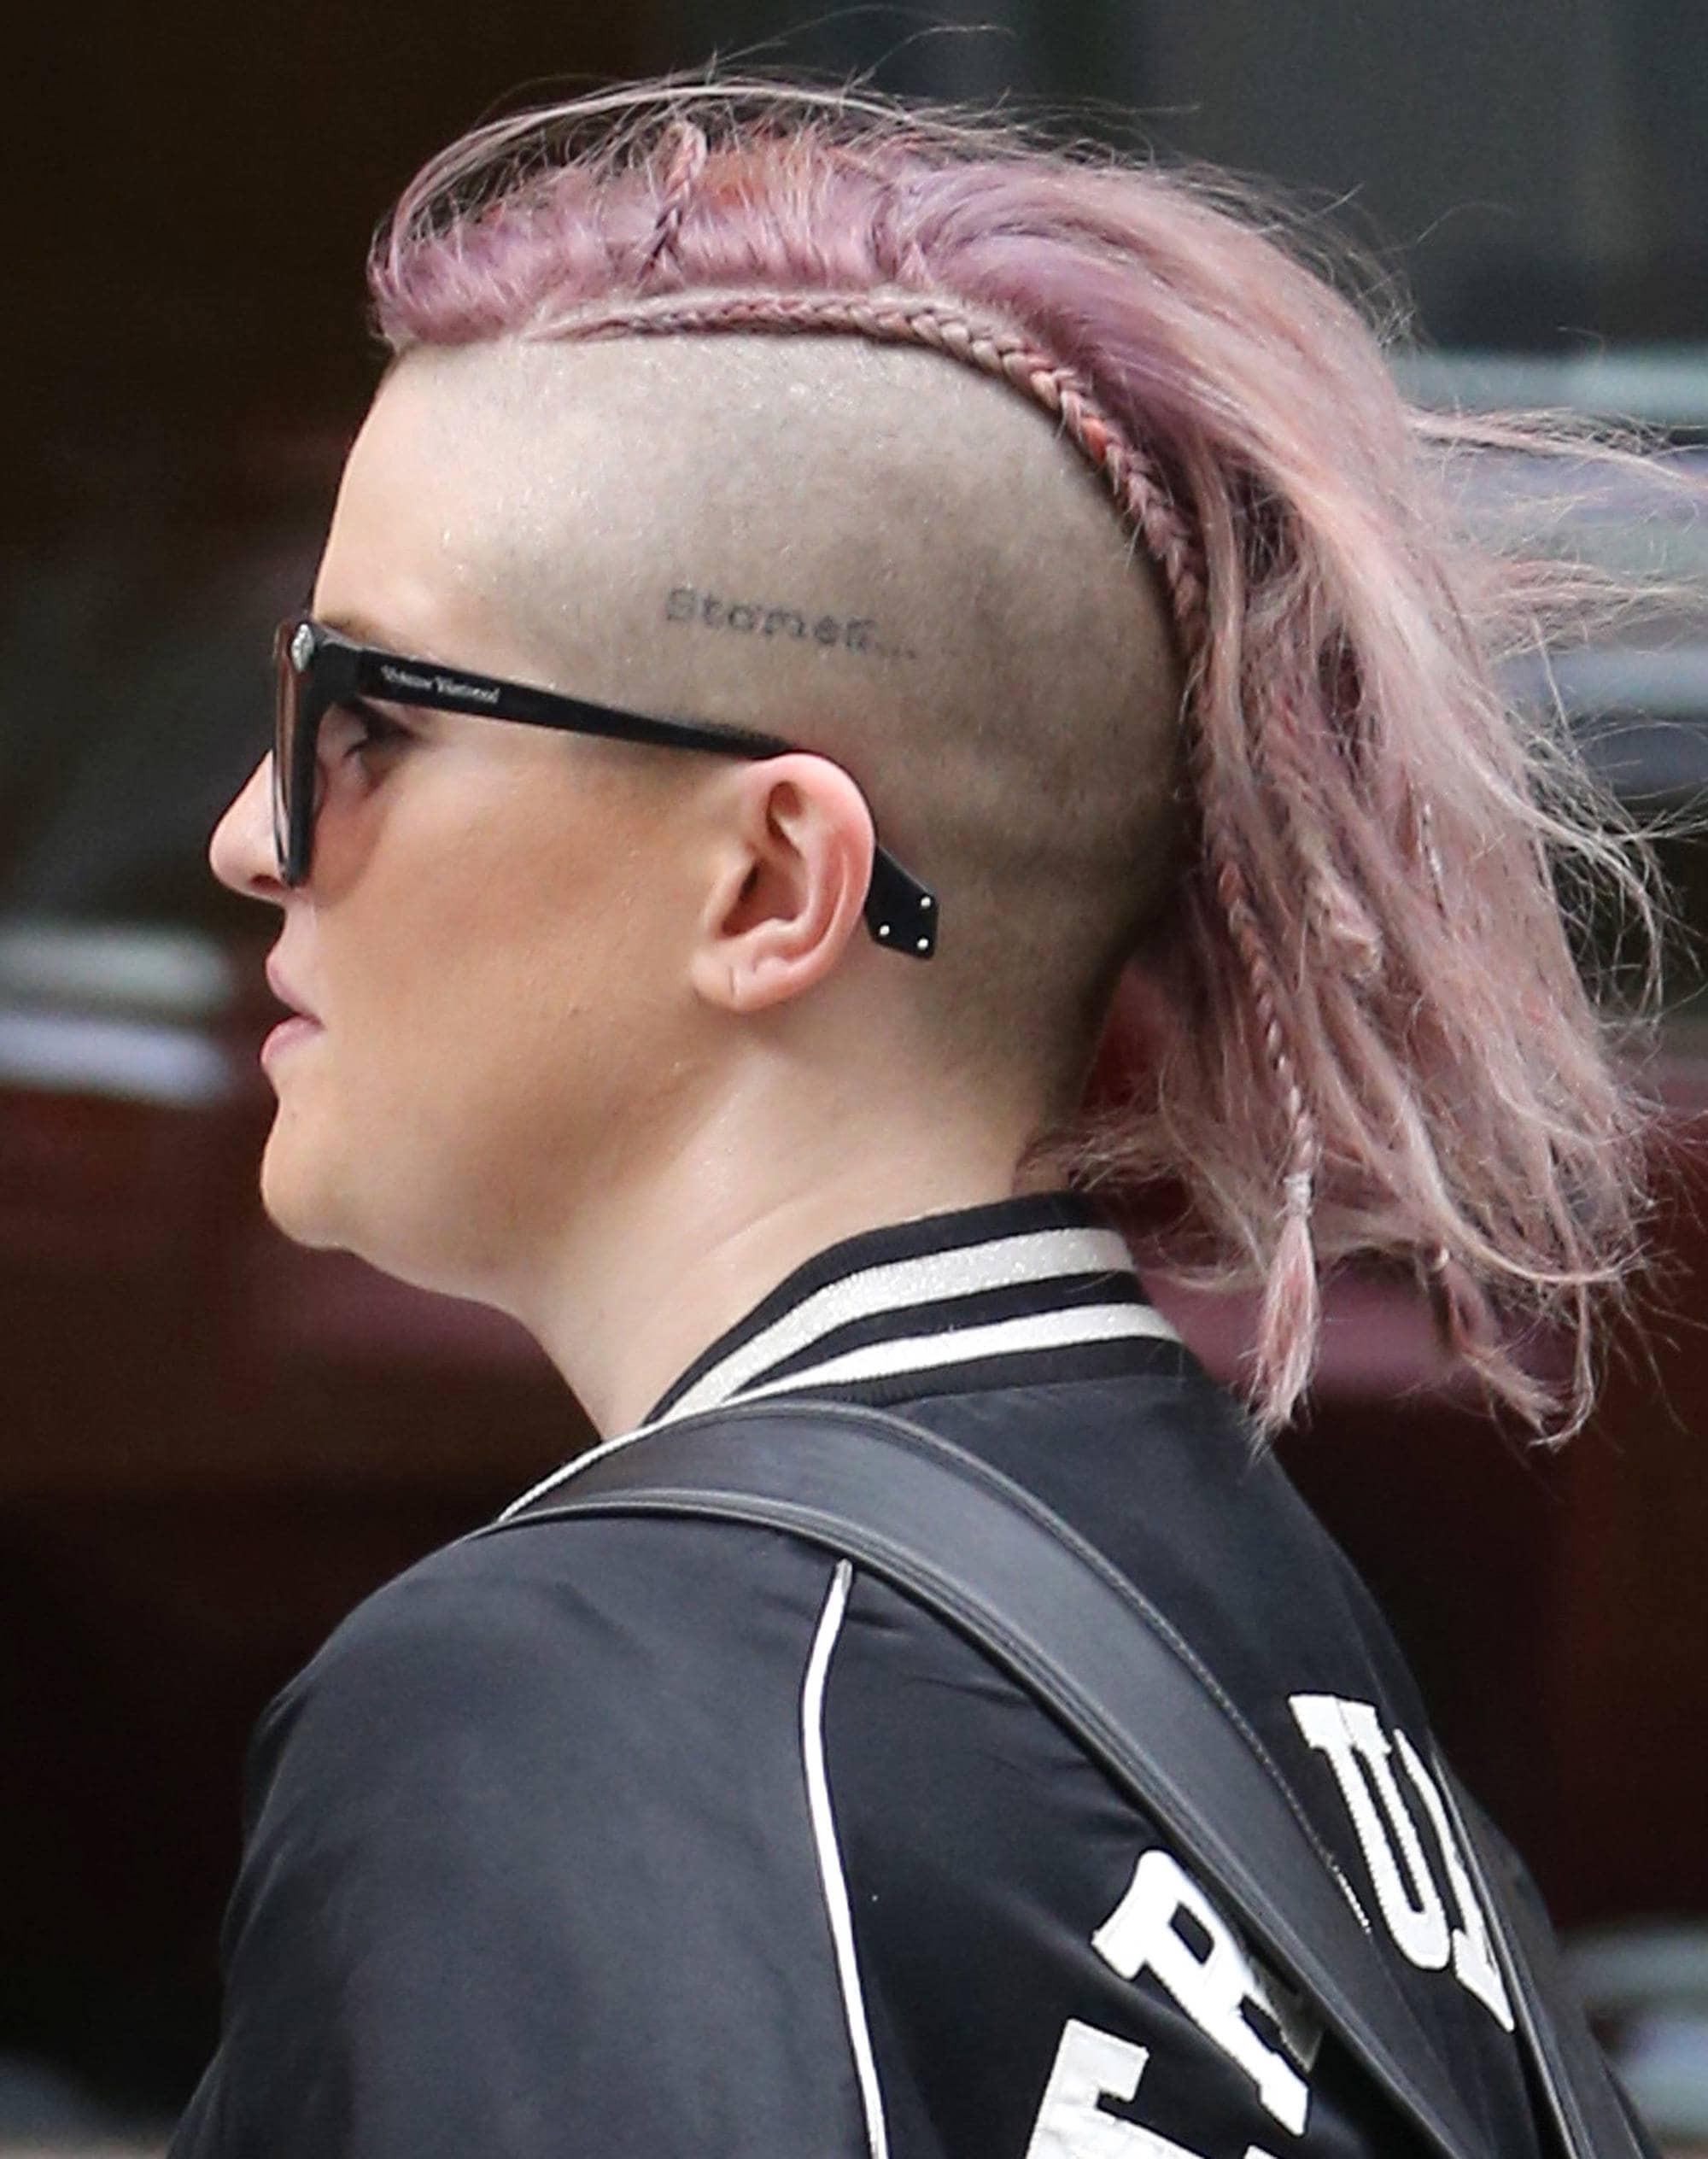 Mujer de cabello rapado a los costados (de un lado lleva un tatuaje) en el medio una cresta rosa alborotada